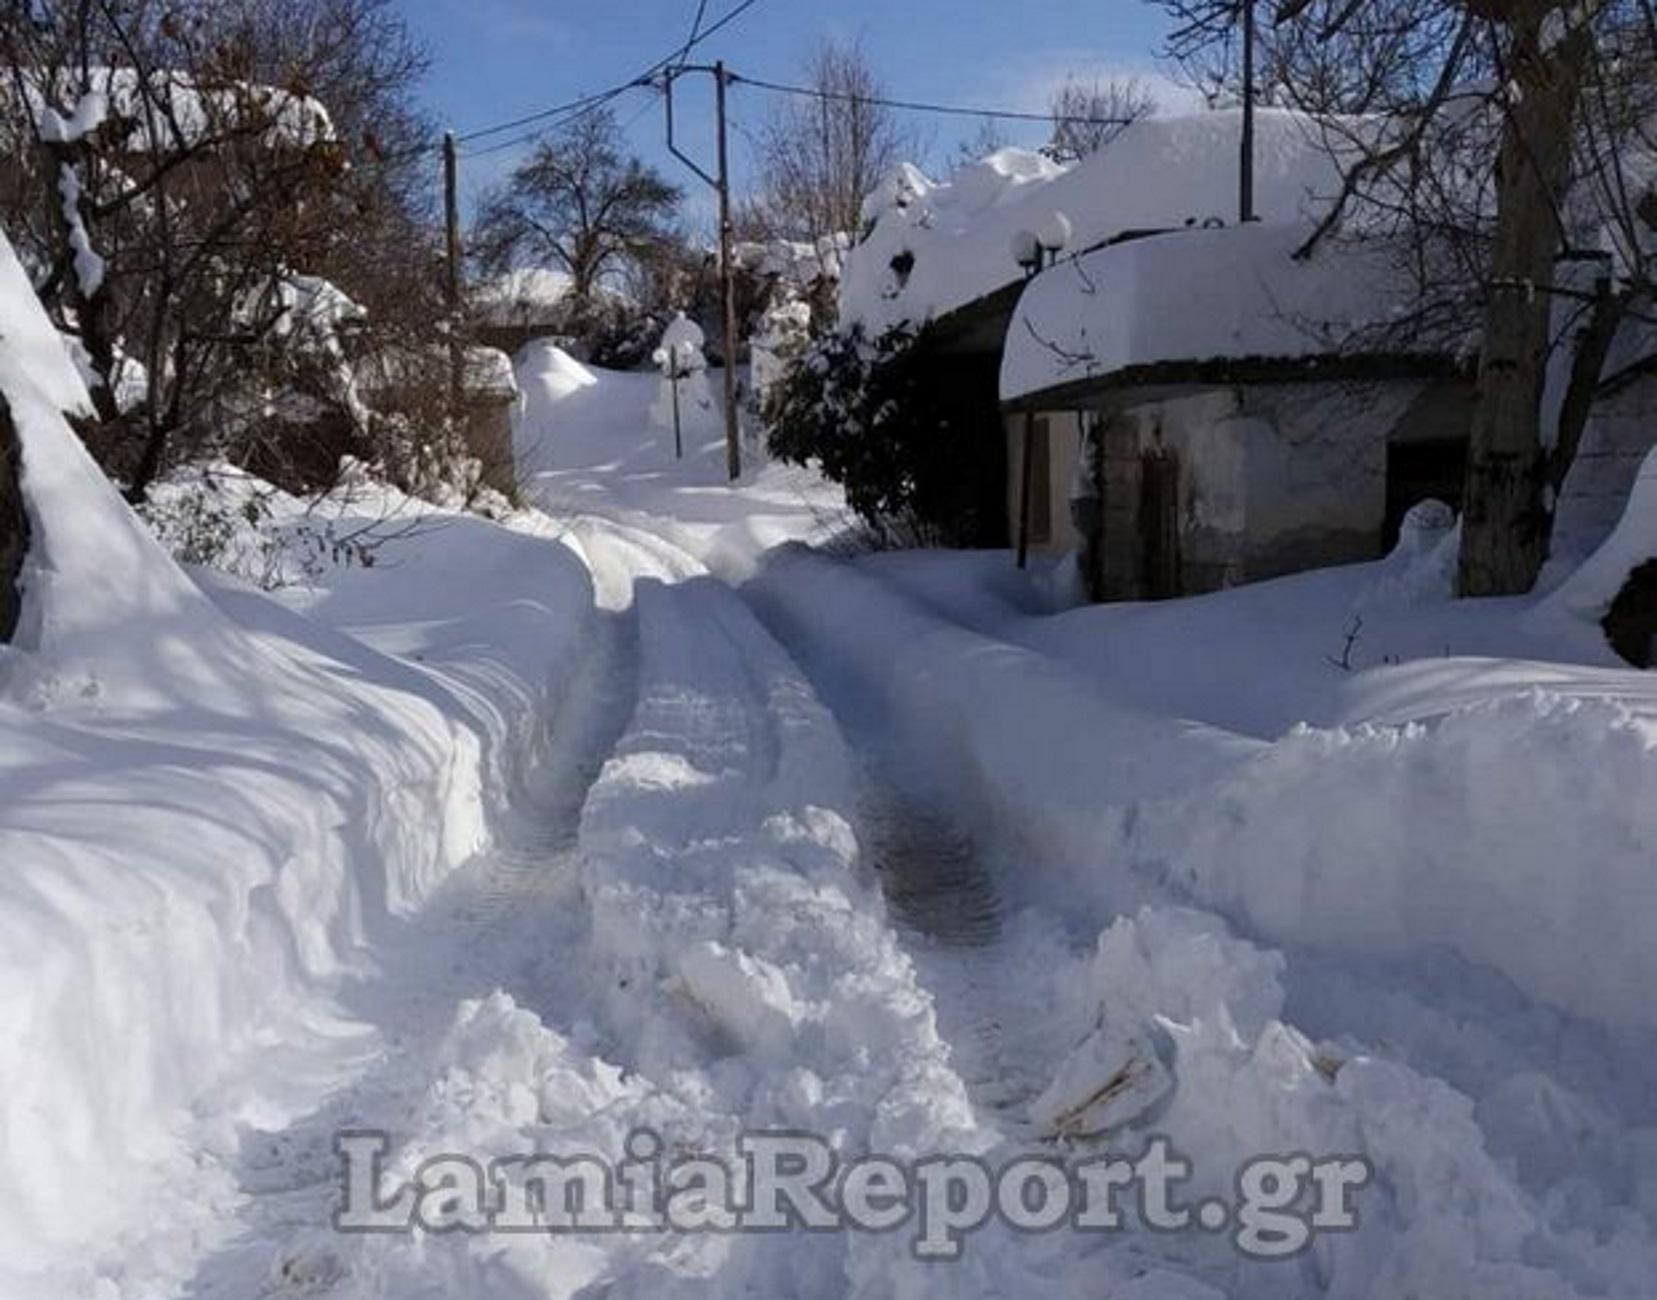 Καμένα Βούρλα: Θάφτηκε στο χιόνι ο οικισμός της Καρυάς